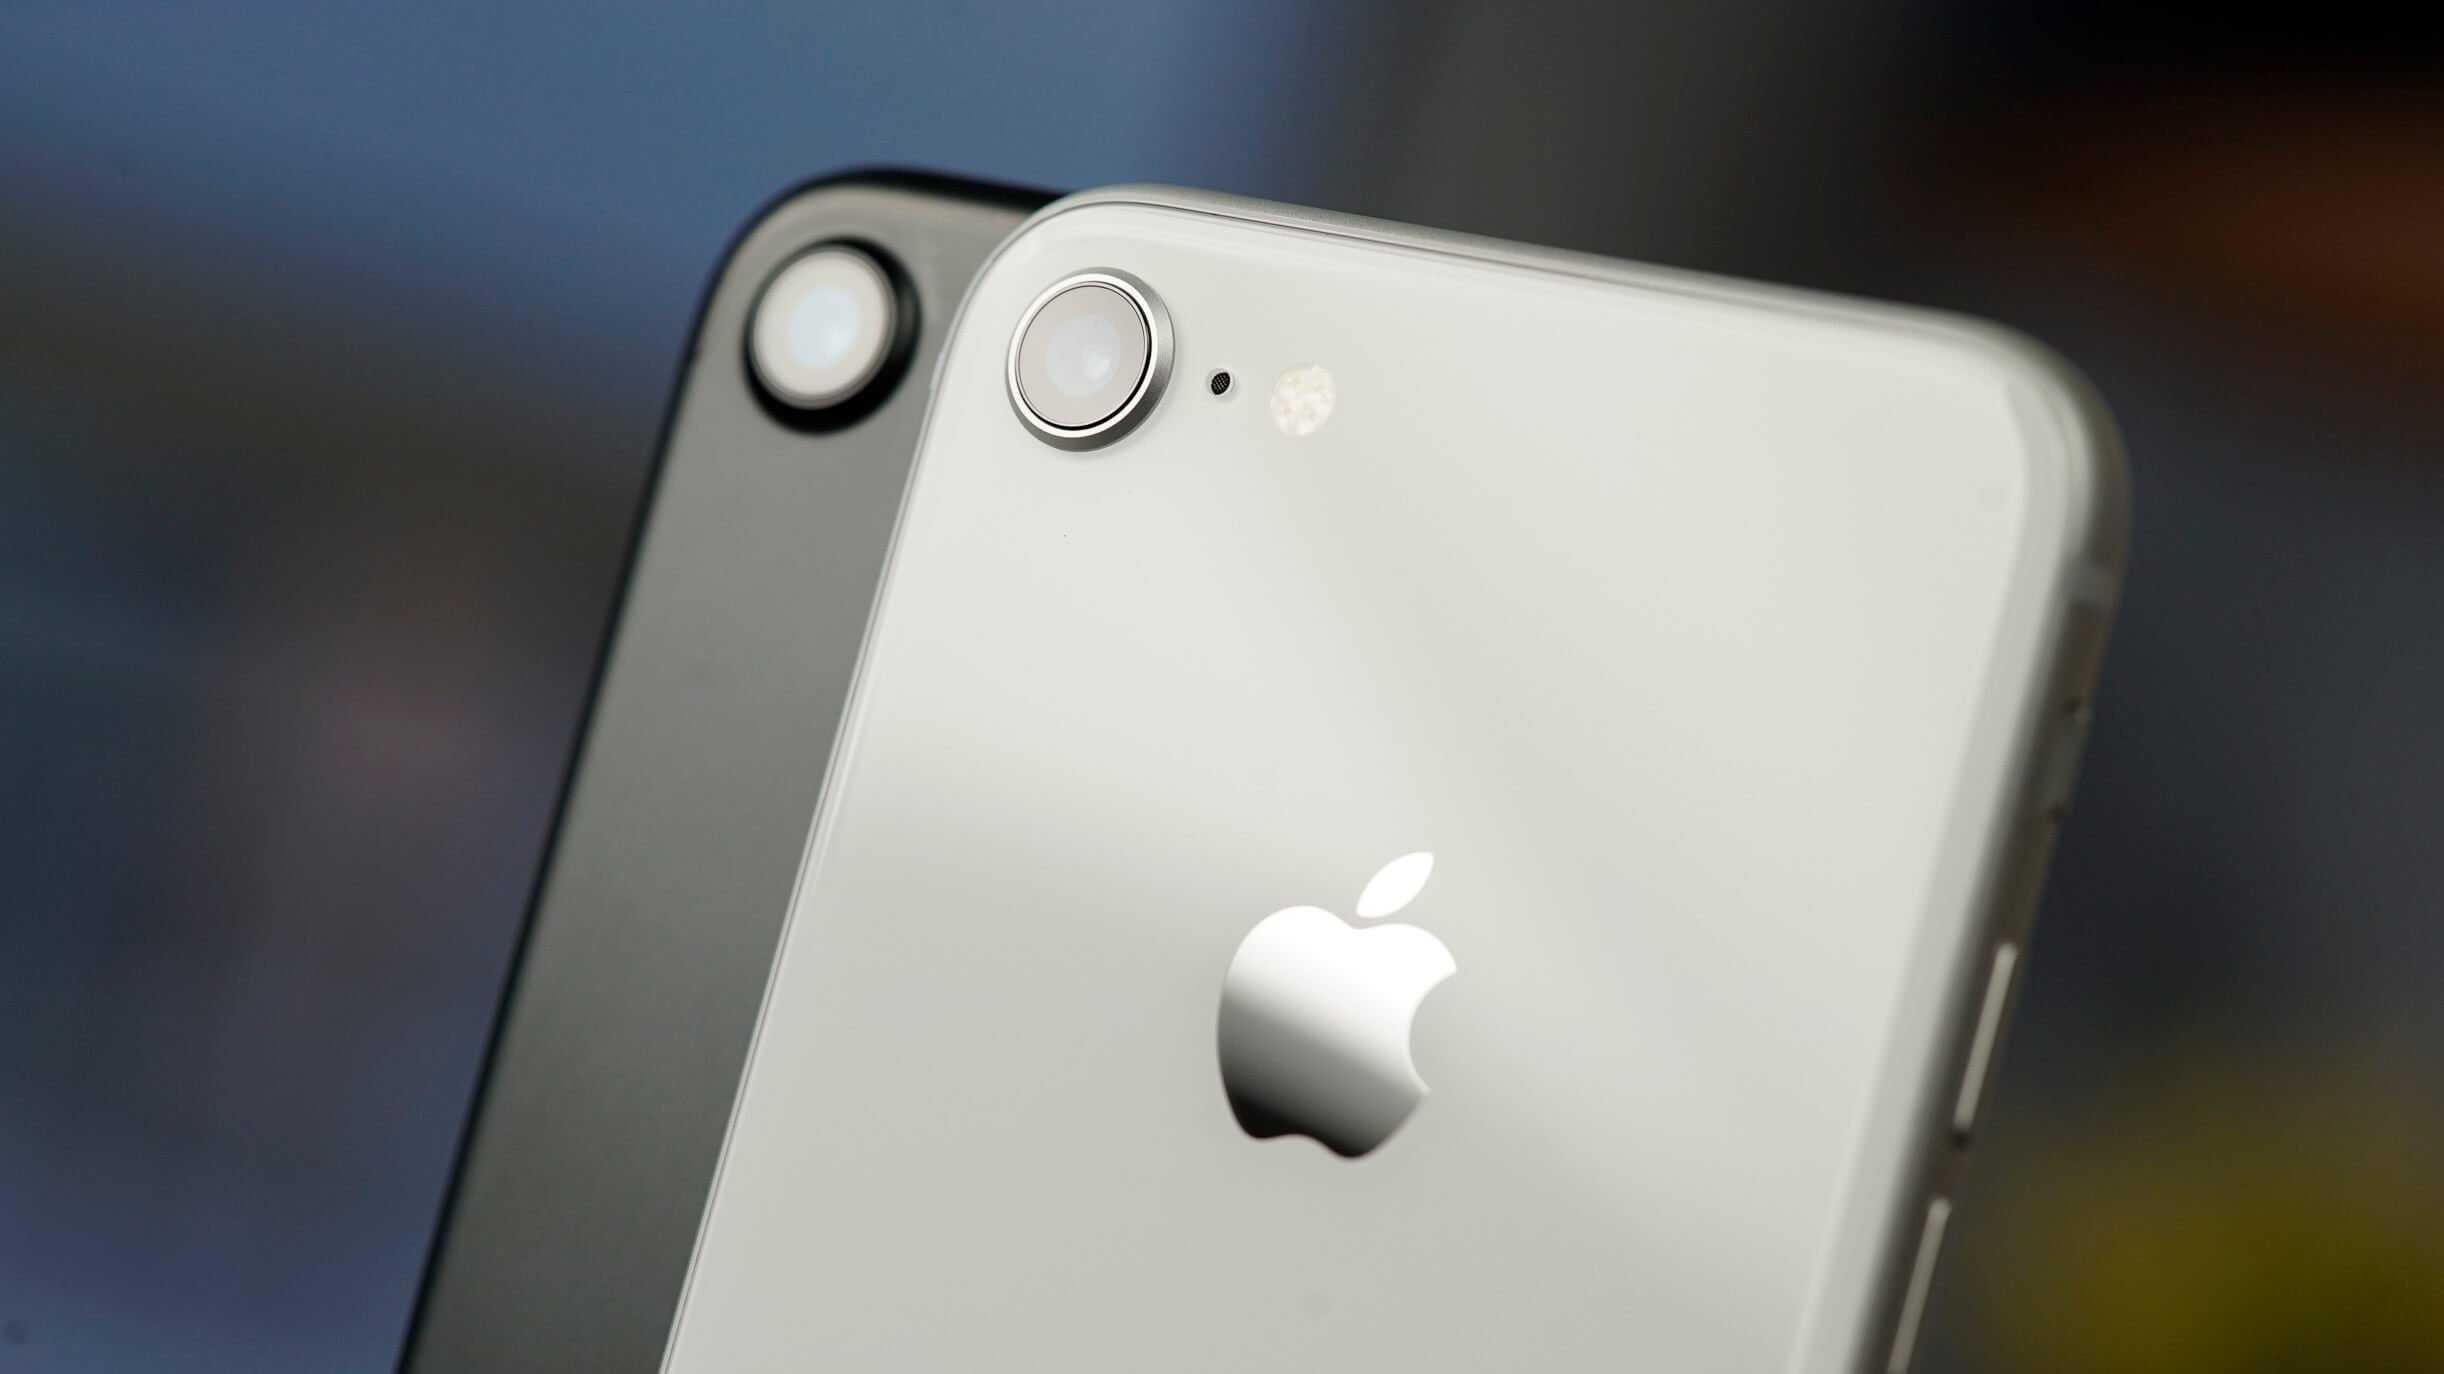 Наконец-то новая линейка флагманских смартфонов Galaxy S20 прошла тесты на ударопрочность и износостойкость О возможностях фотокамер качествен экрана и мощности этих